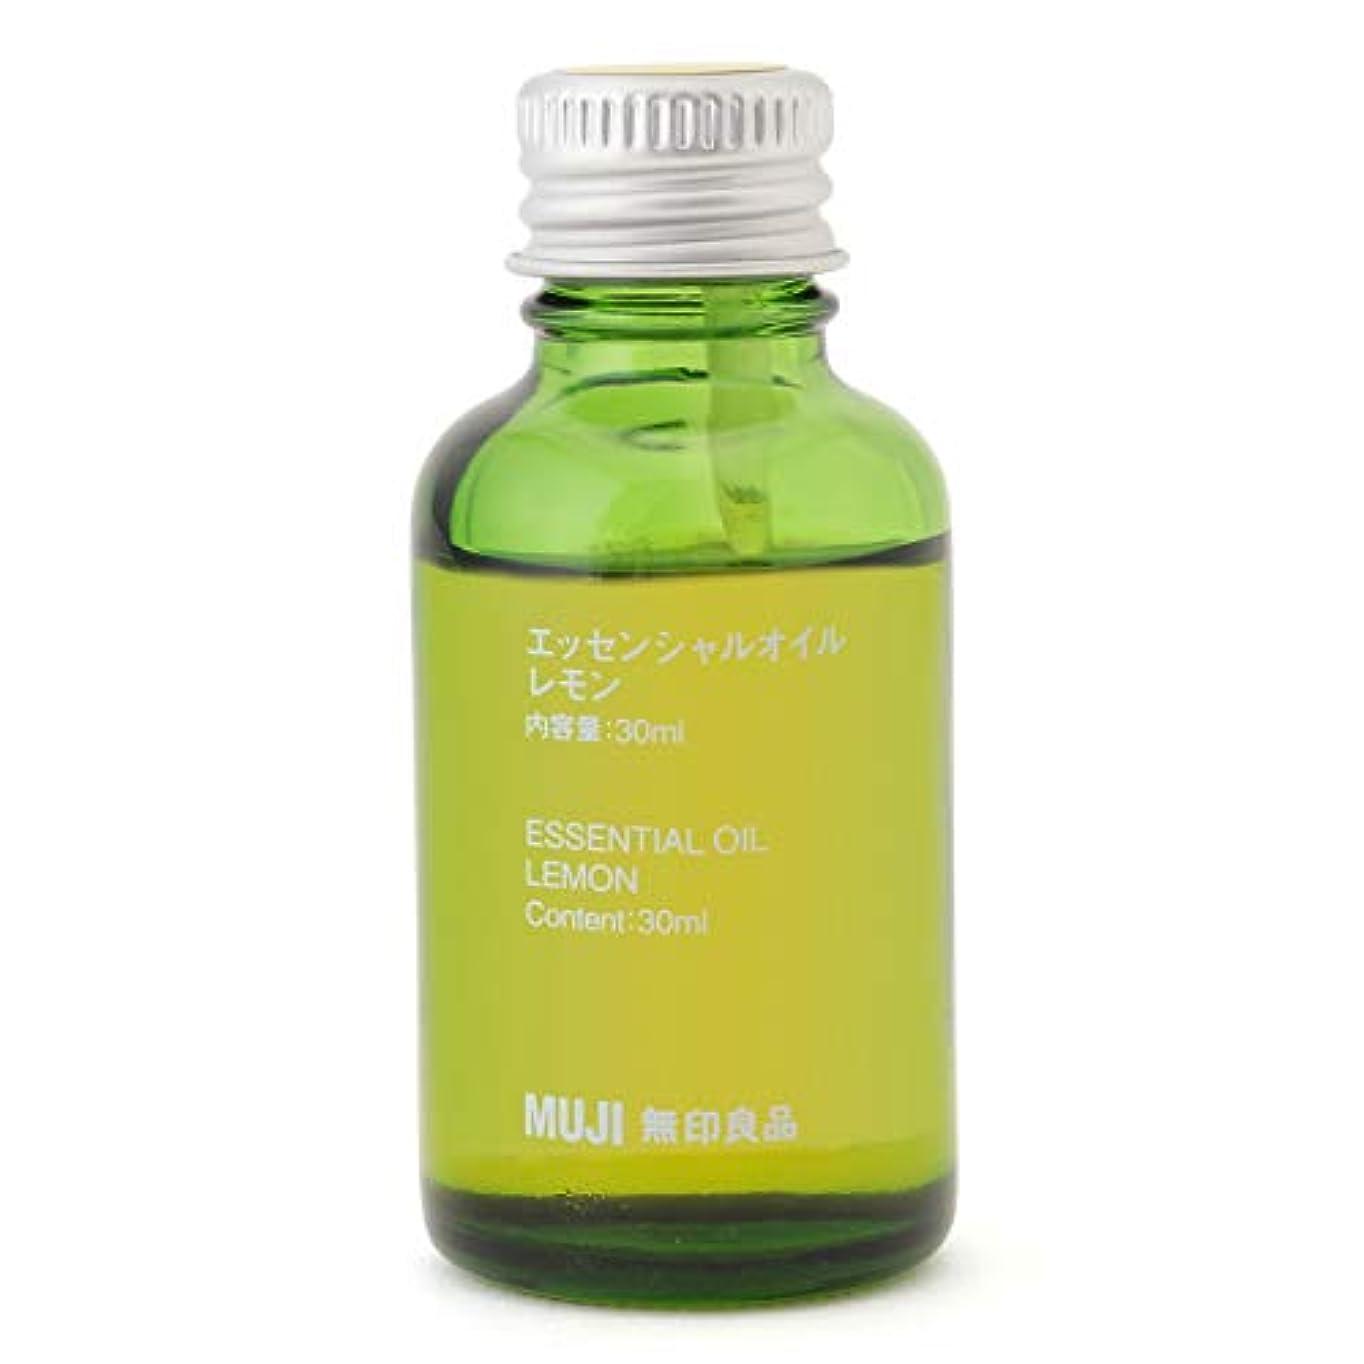 特定のヶ月目司令官【無印良品】エッセンシャルオイル30ml(レモン)